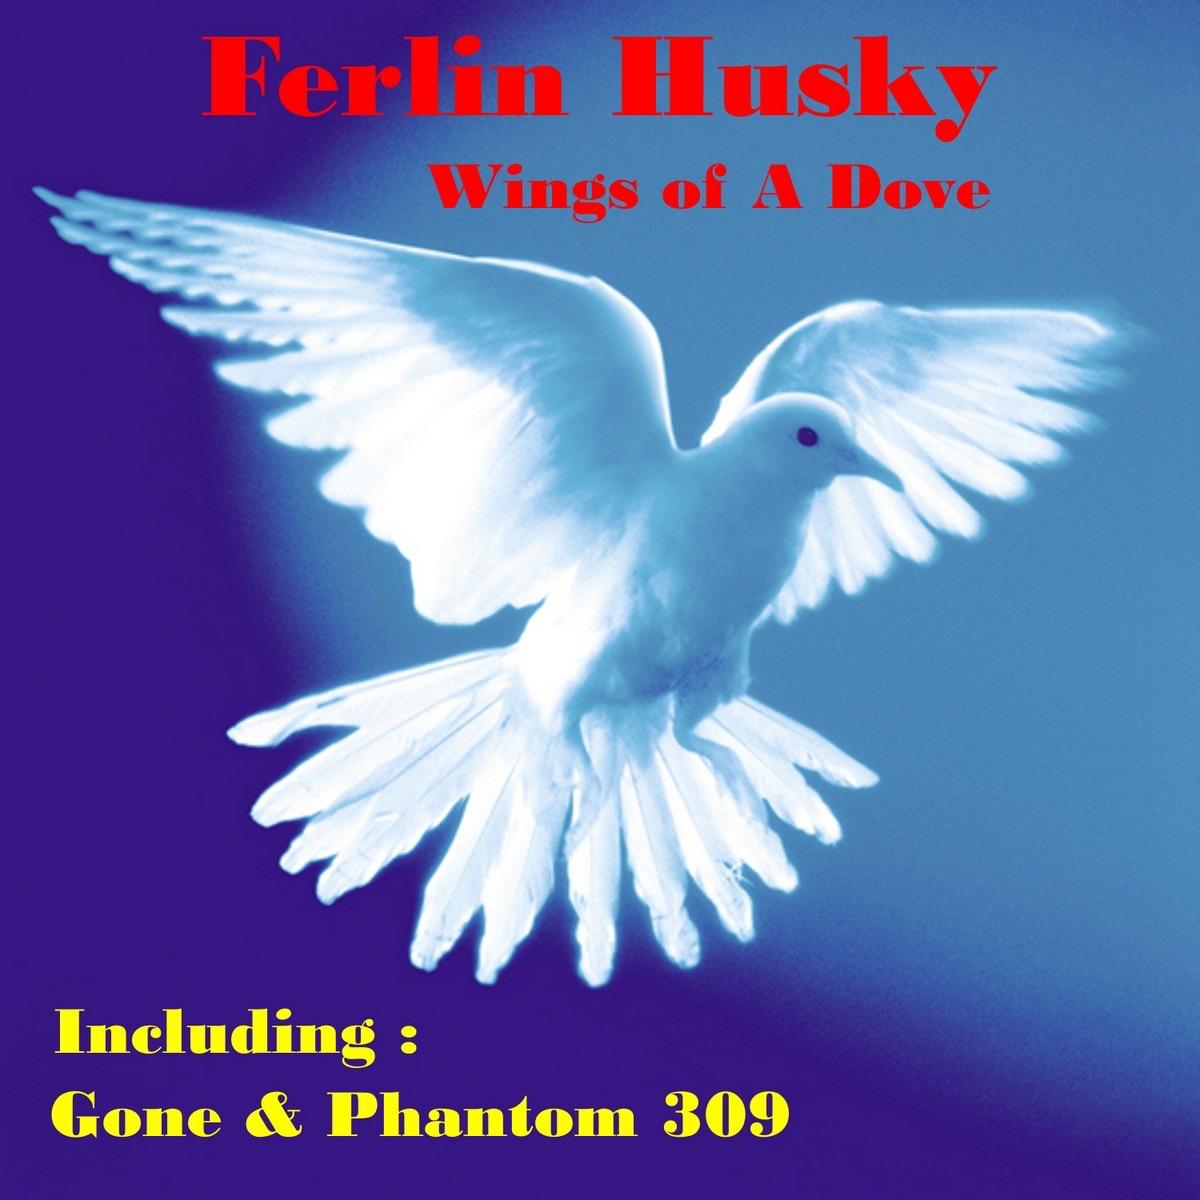 Ferlin Husky Wings Of A Dove